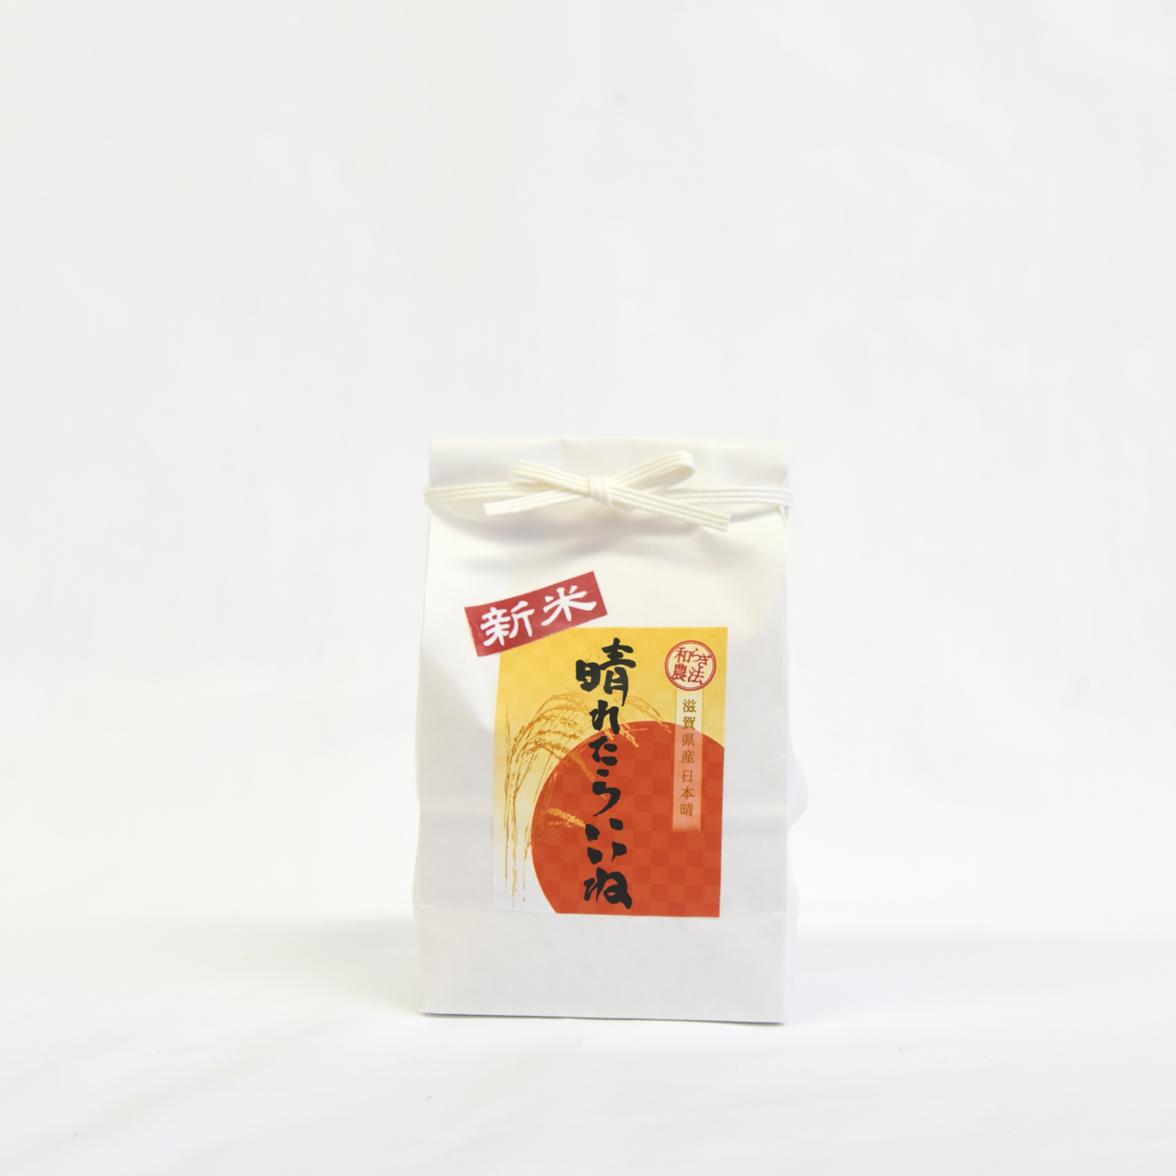 日本晴 白米2合